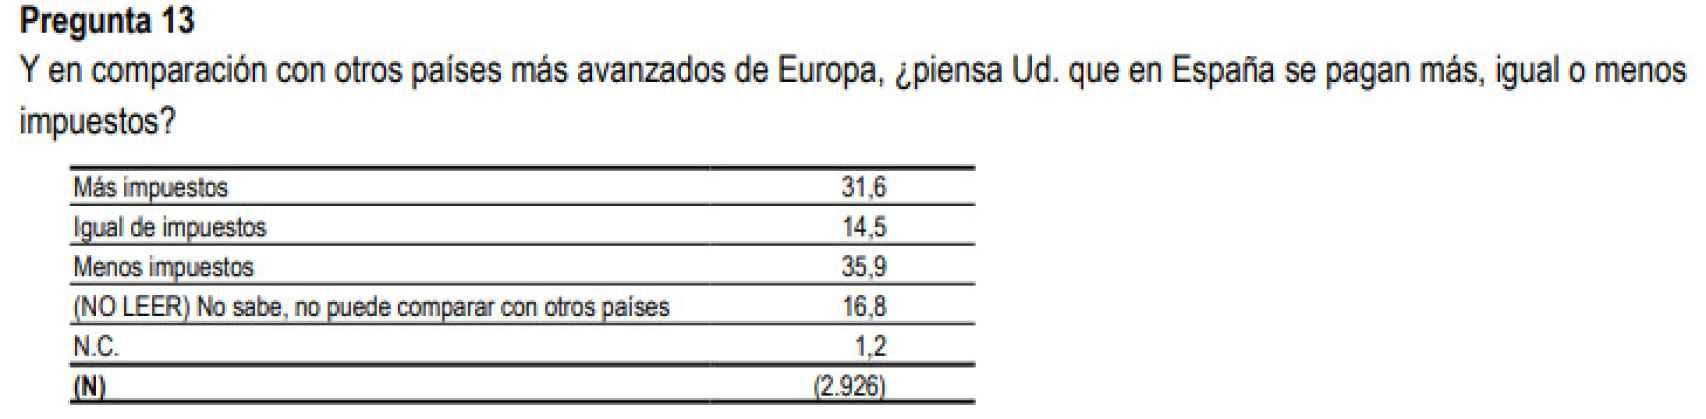 Pregunta número 13 del barómetro del CIS sobre Opinión pública y política fiscal.